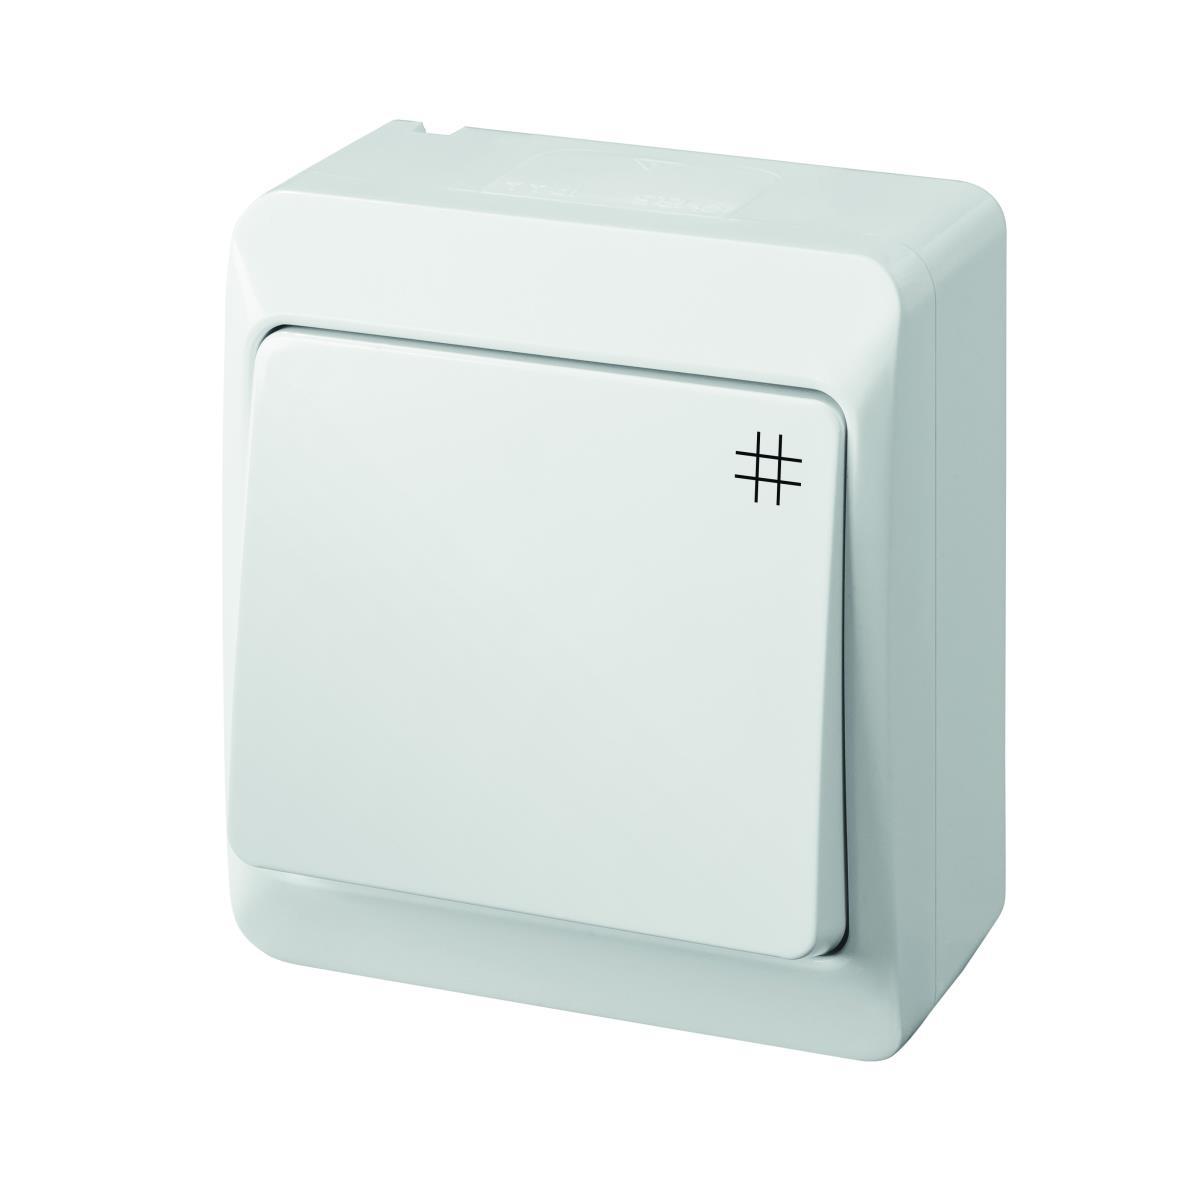 aufputz ap schalter einfach kreuzschalter ip44 farbe wei hermes. Black Bedroom Furniture Sets. Home Design Ideas